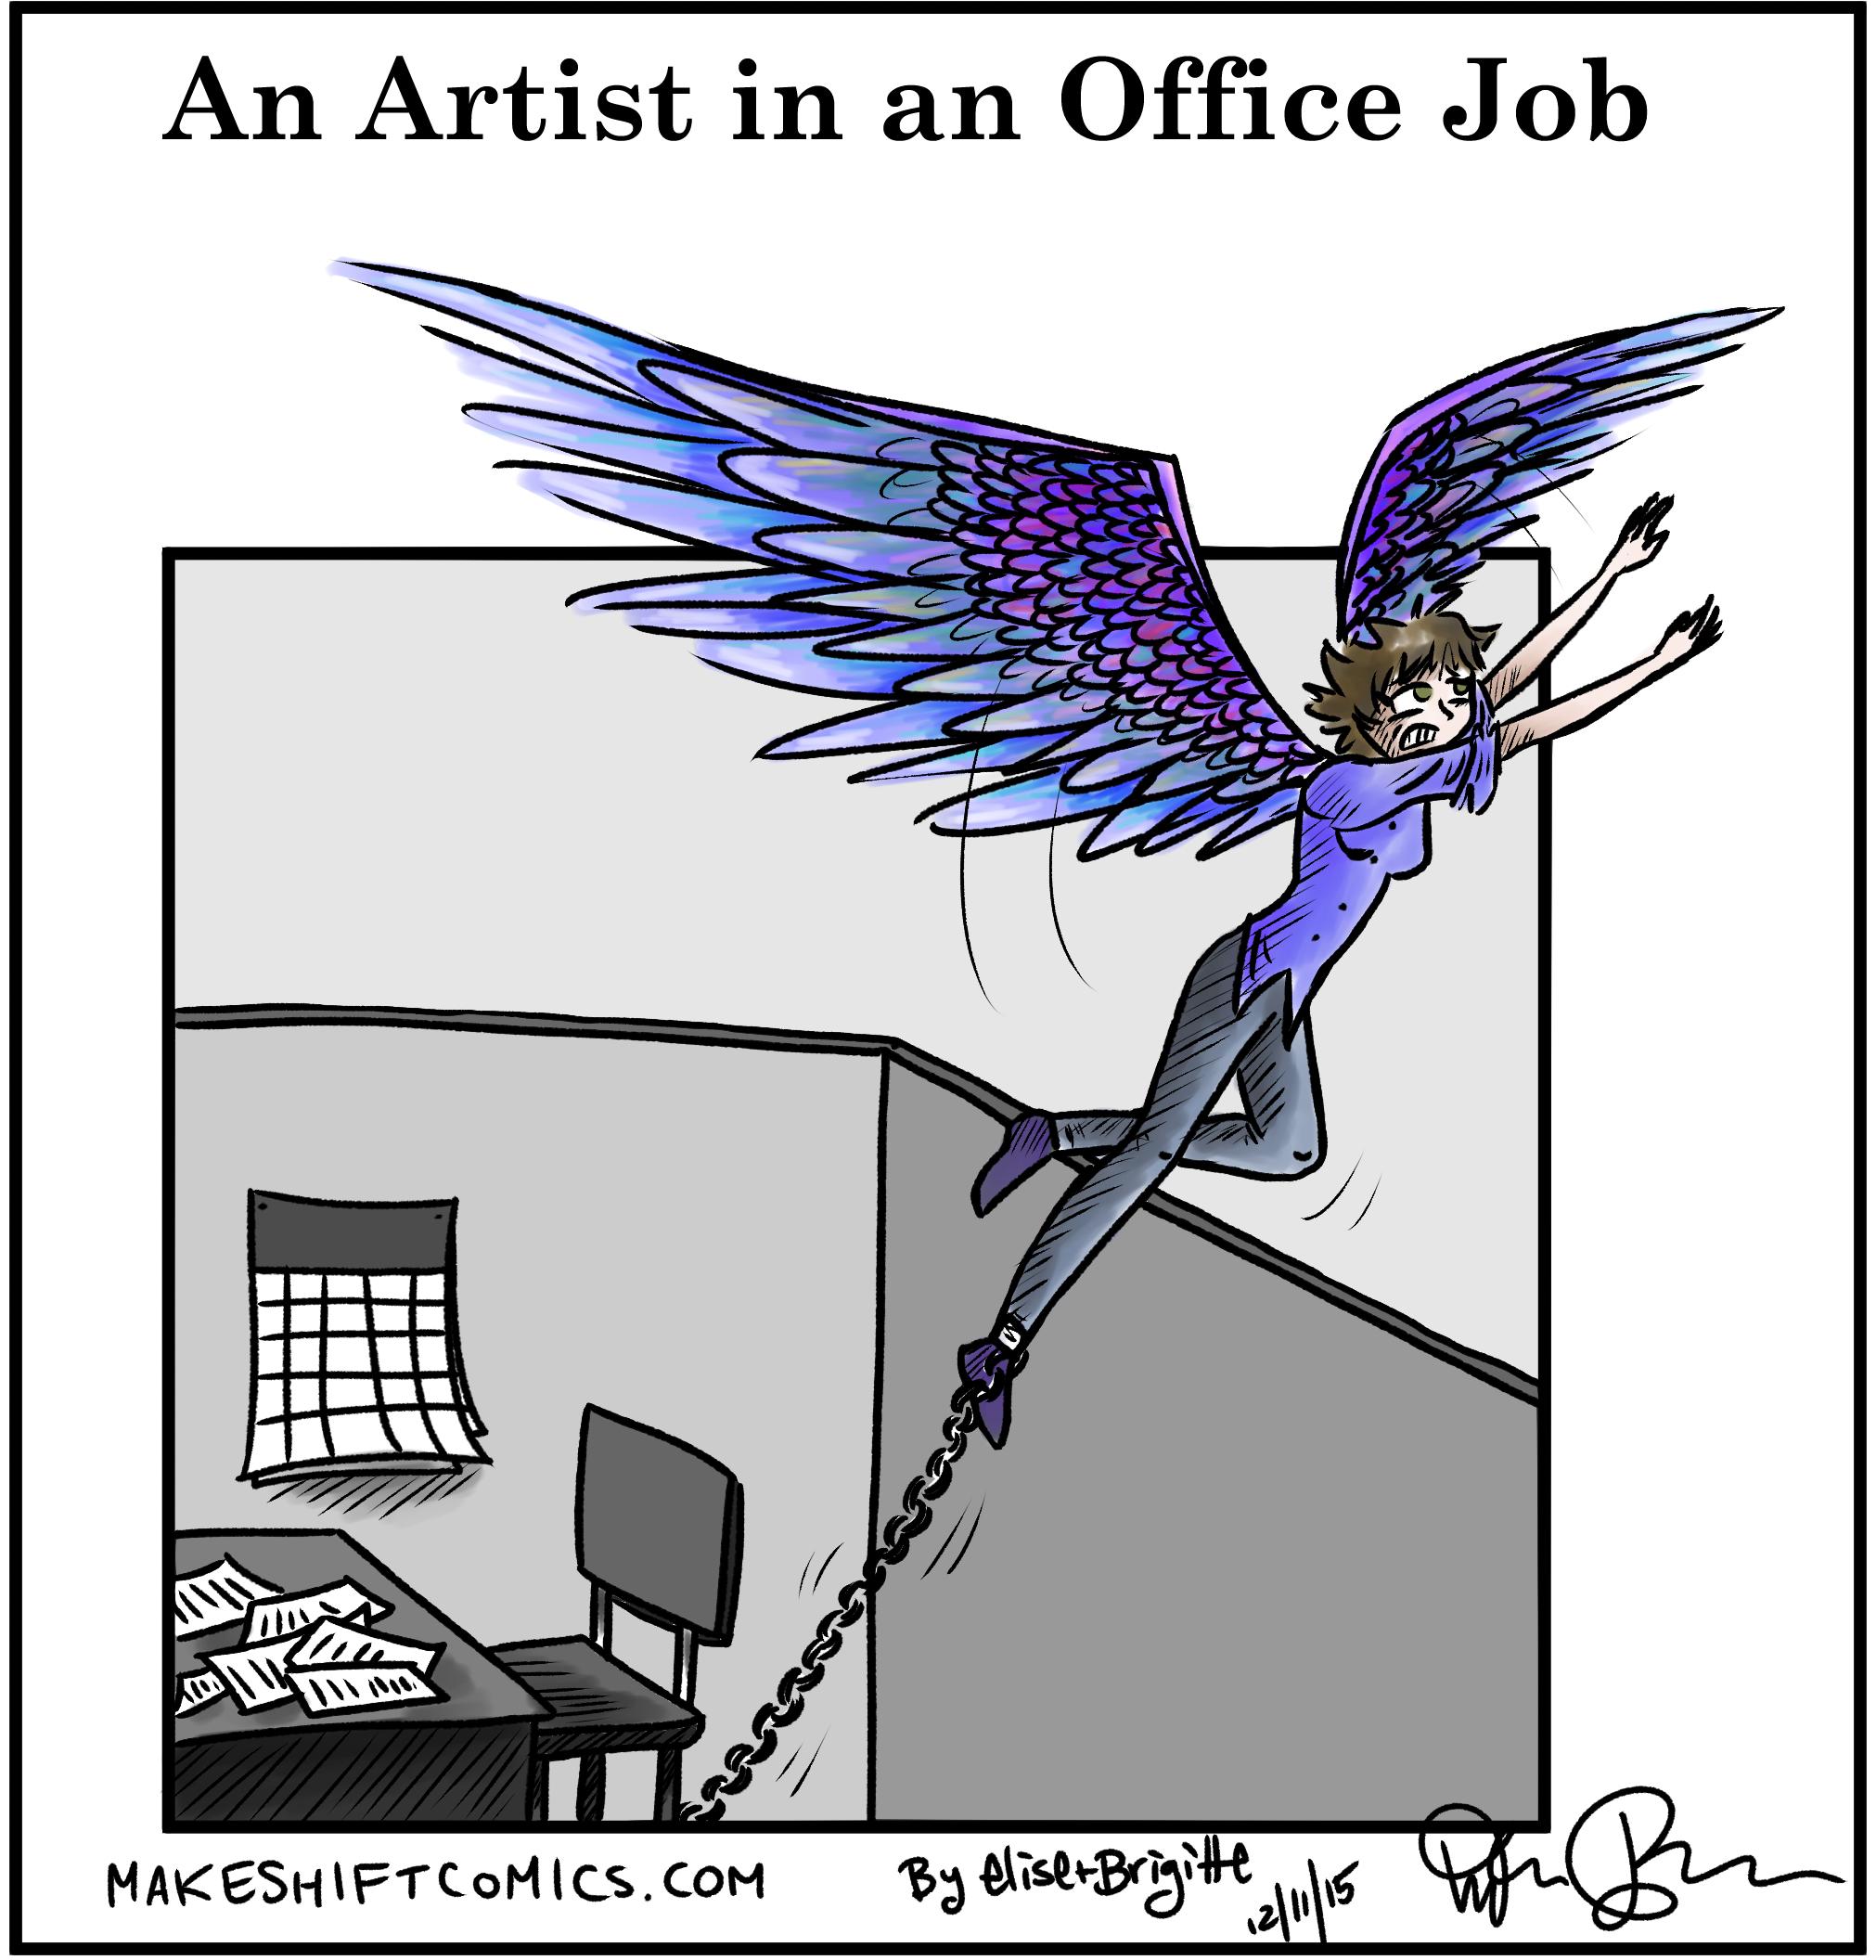 An Artist in an Office Job